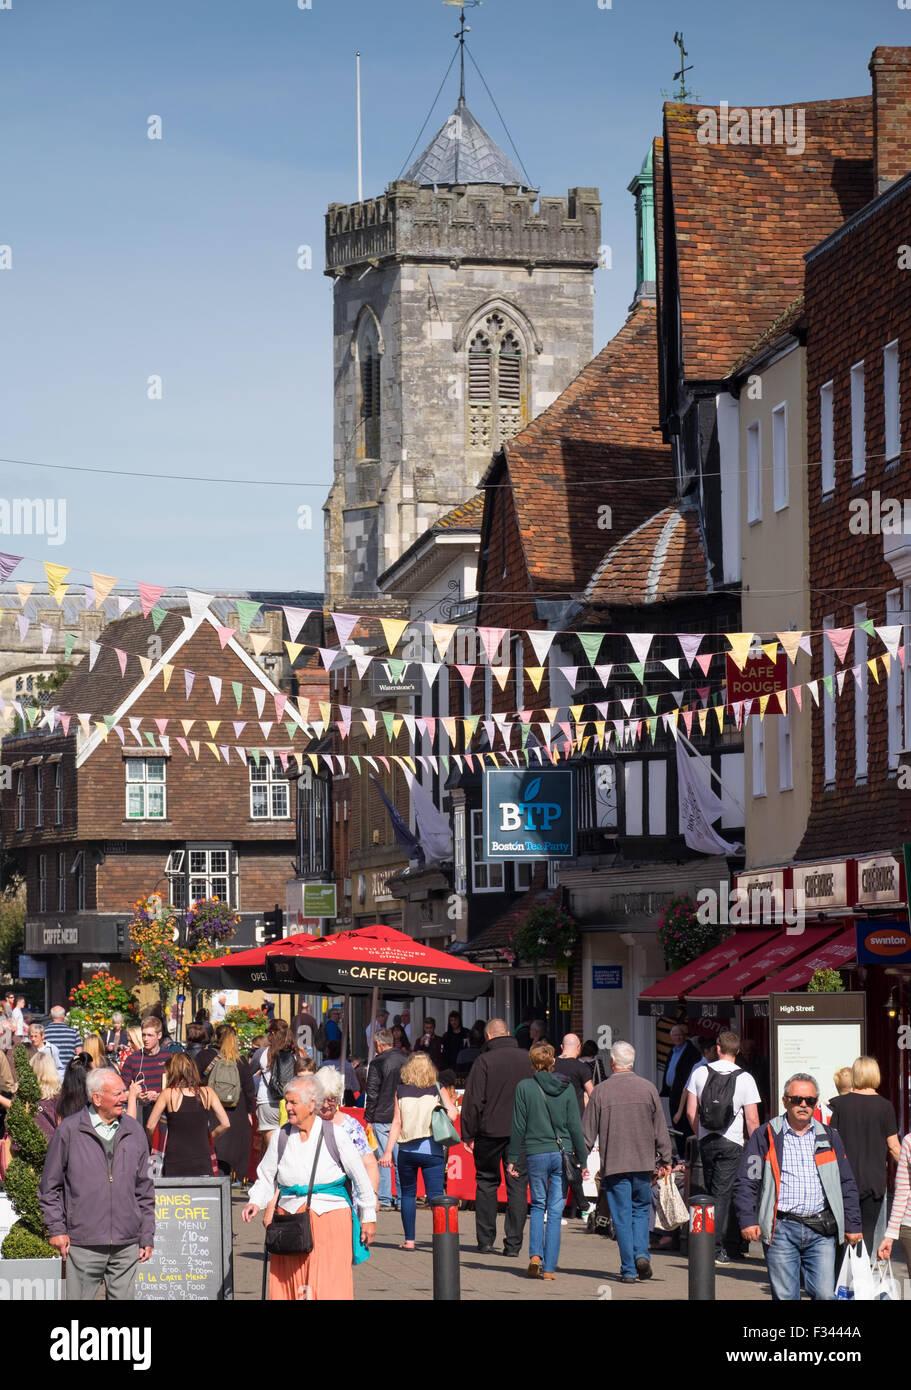 Shoppers in Salisbury High Street, Salisbury, Wiltshire, UK - Stock Image